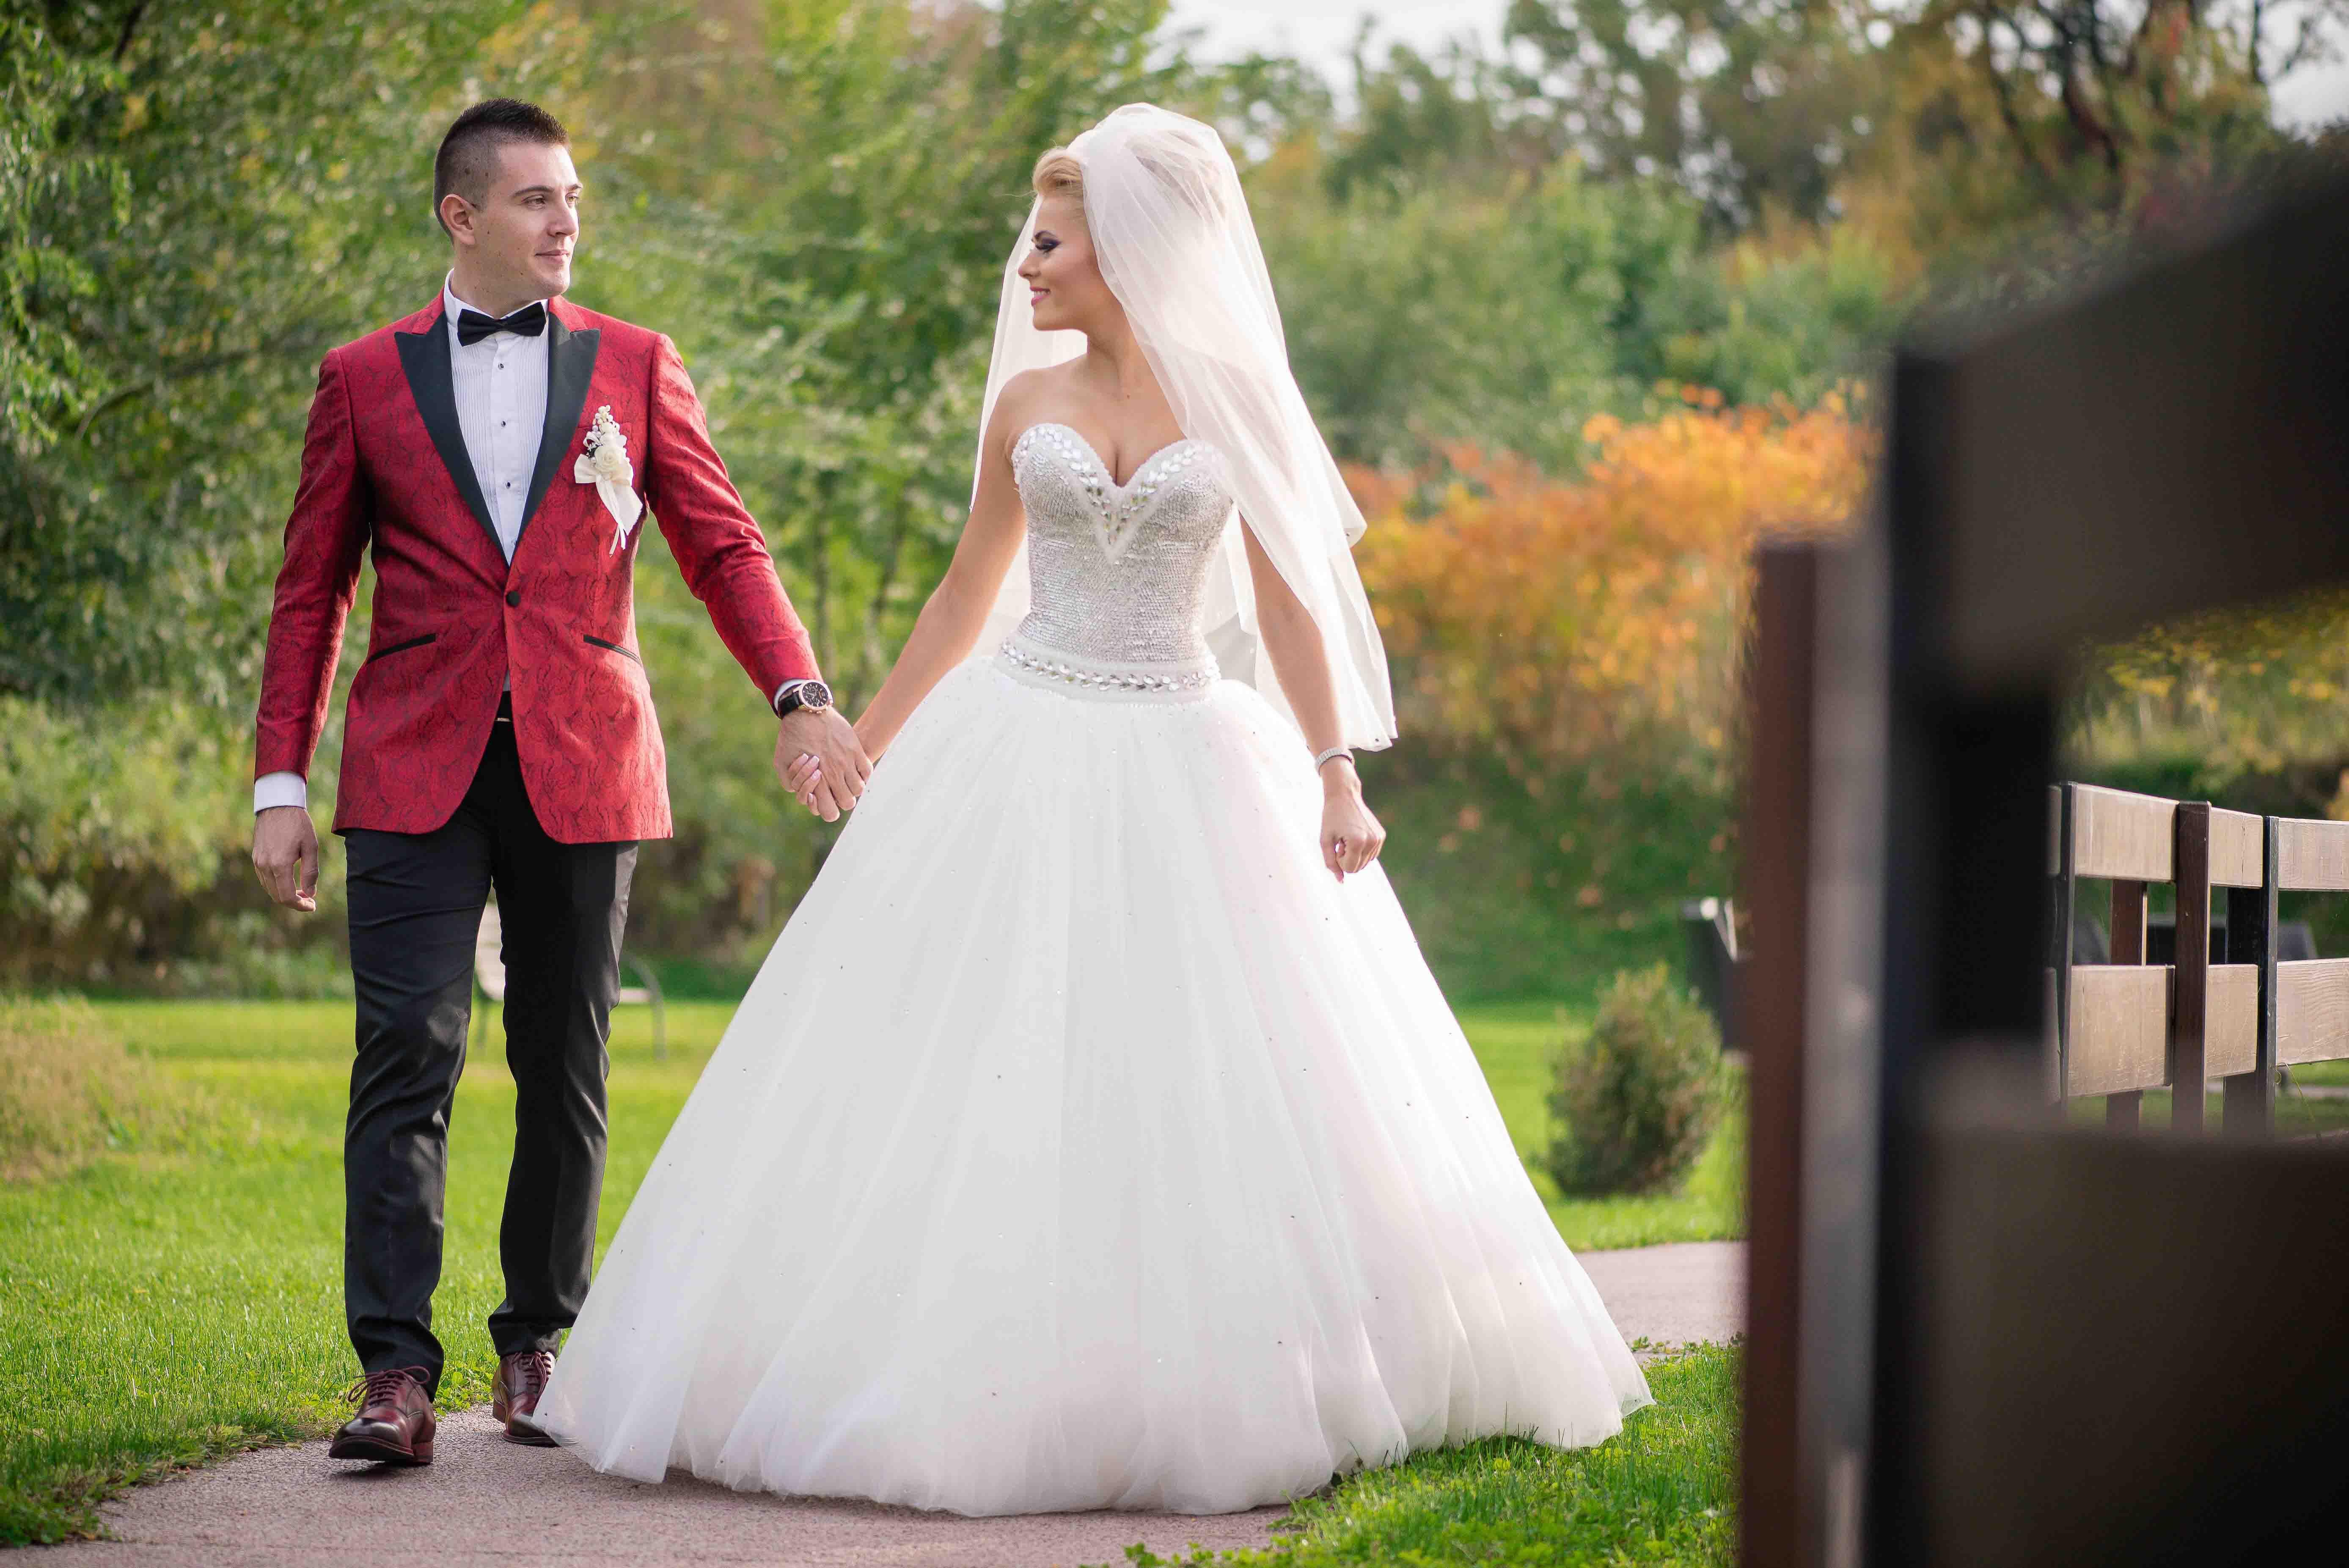 Fotograf nunta Bucuresti, Ploiesti, Brasov - Catalin Soare. Scurta sedinta foto in ziua nuntii.